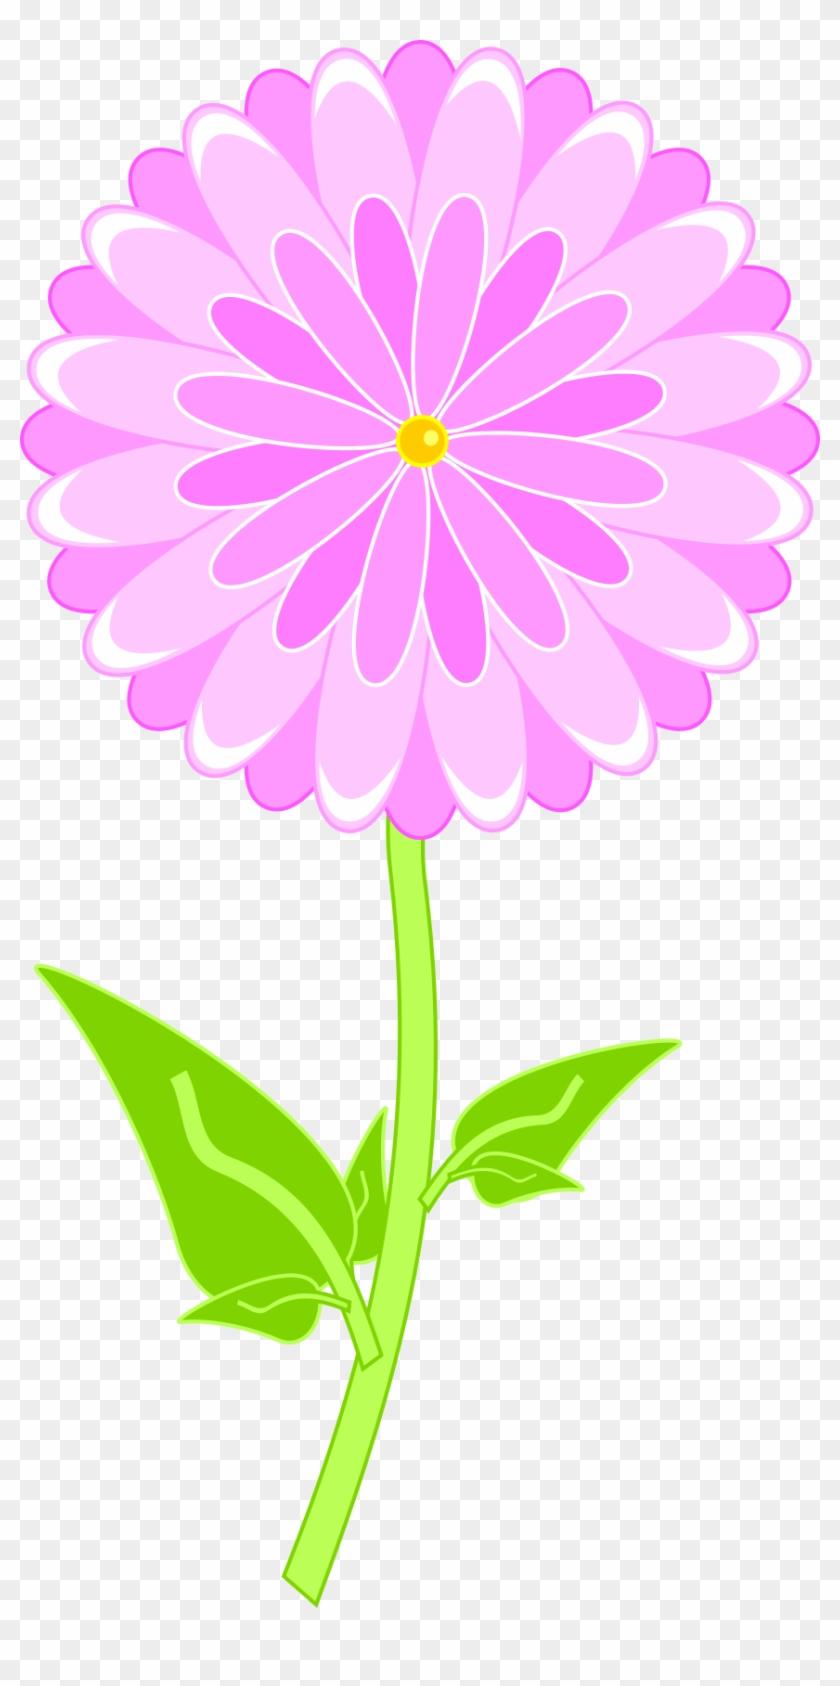 Pink Flower - Stencil #61052